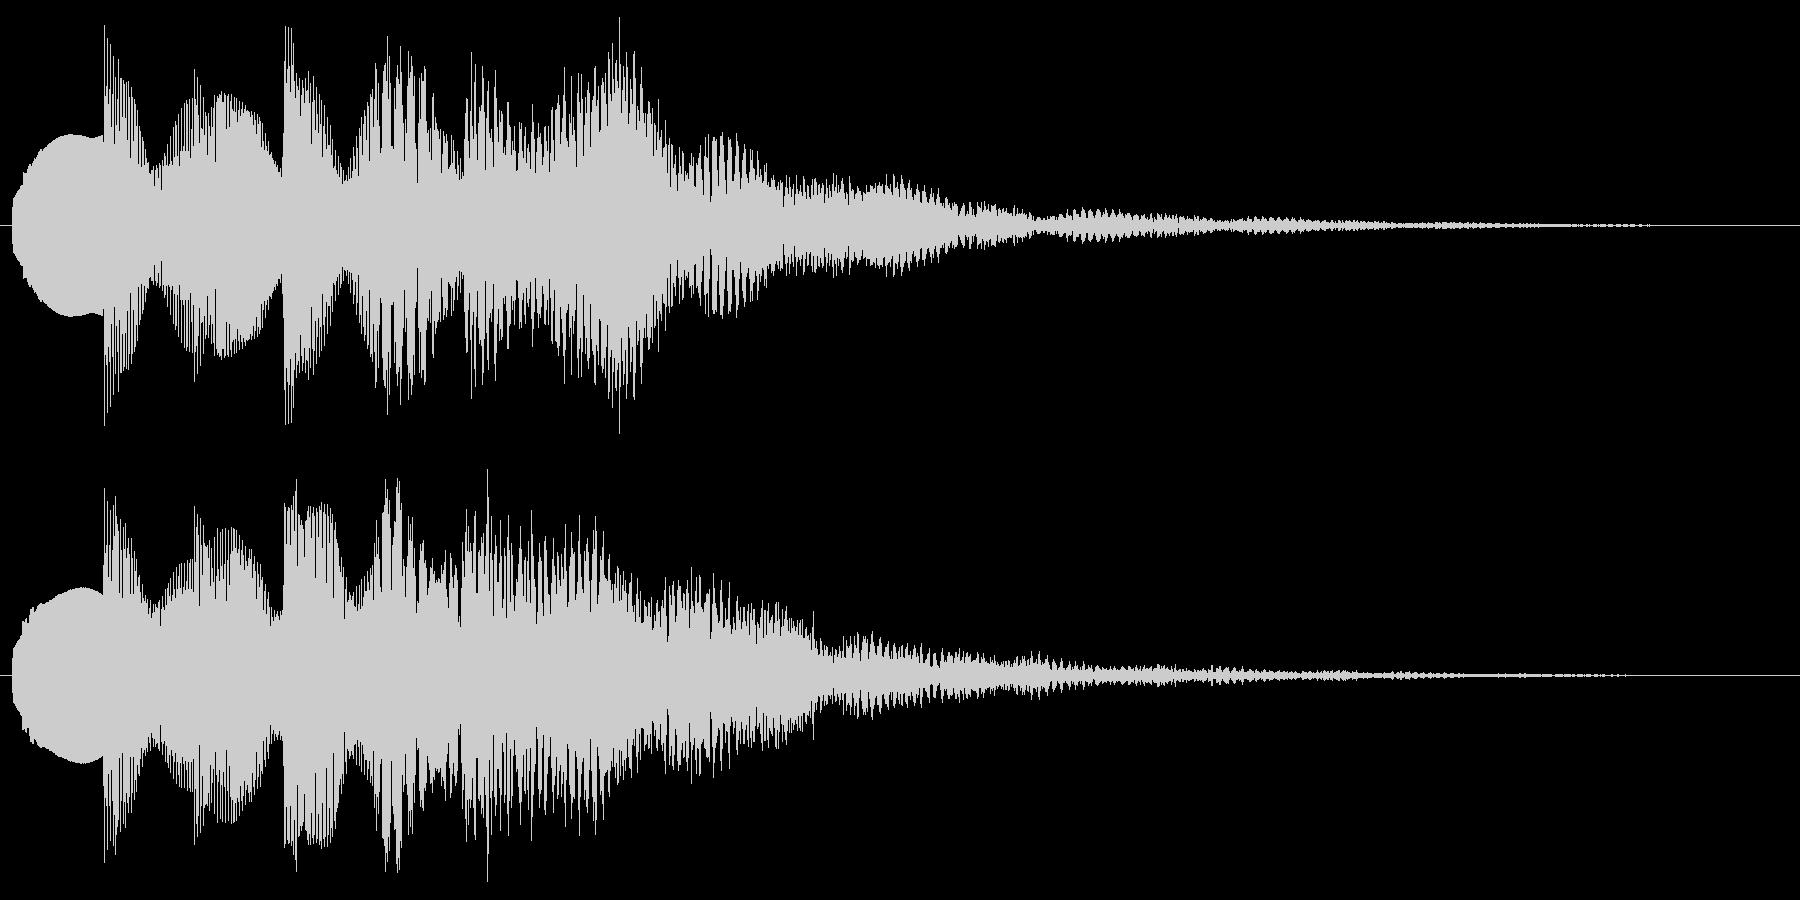 綺麗な音 透明感のあるサウンドロゴの未再生の波形